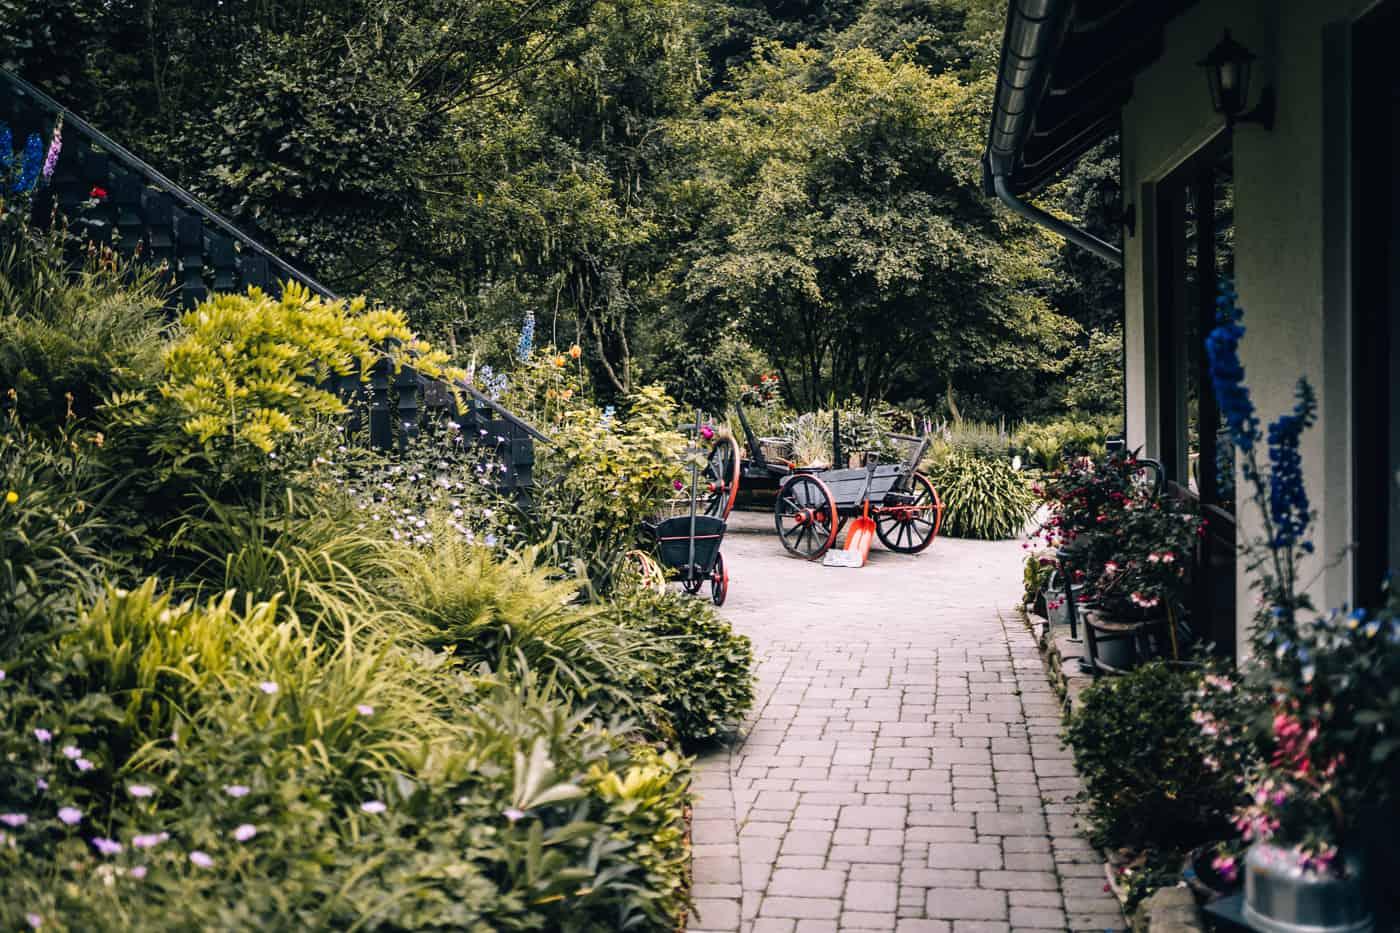 Baybachklamm Traumschleife Wanderung - Einkehr Schmausemühle